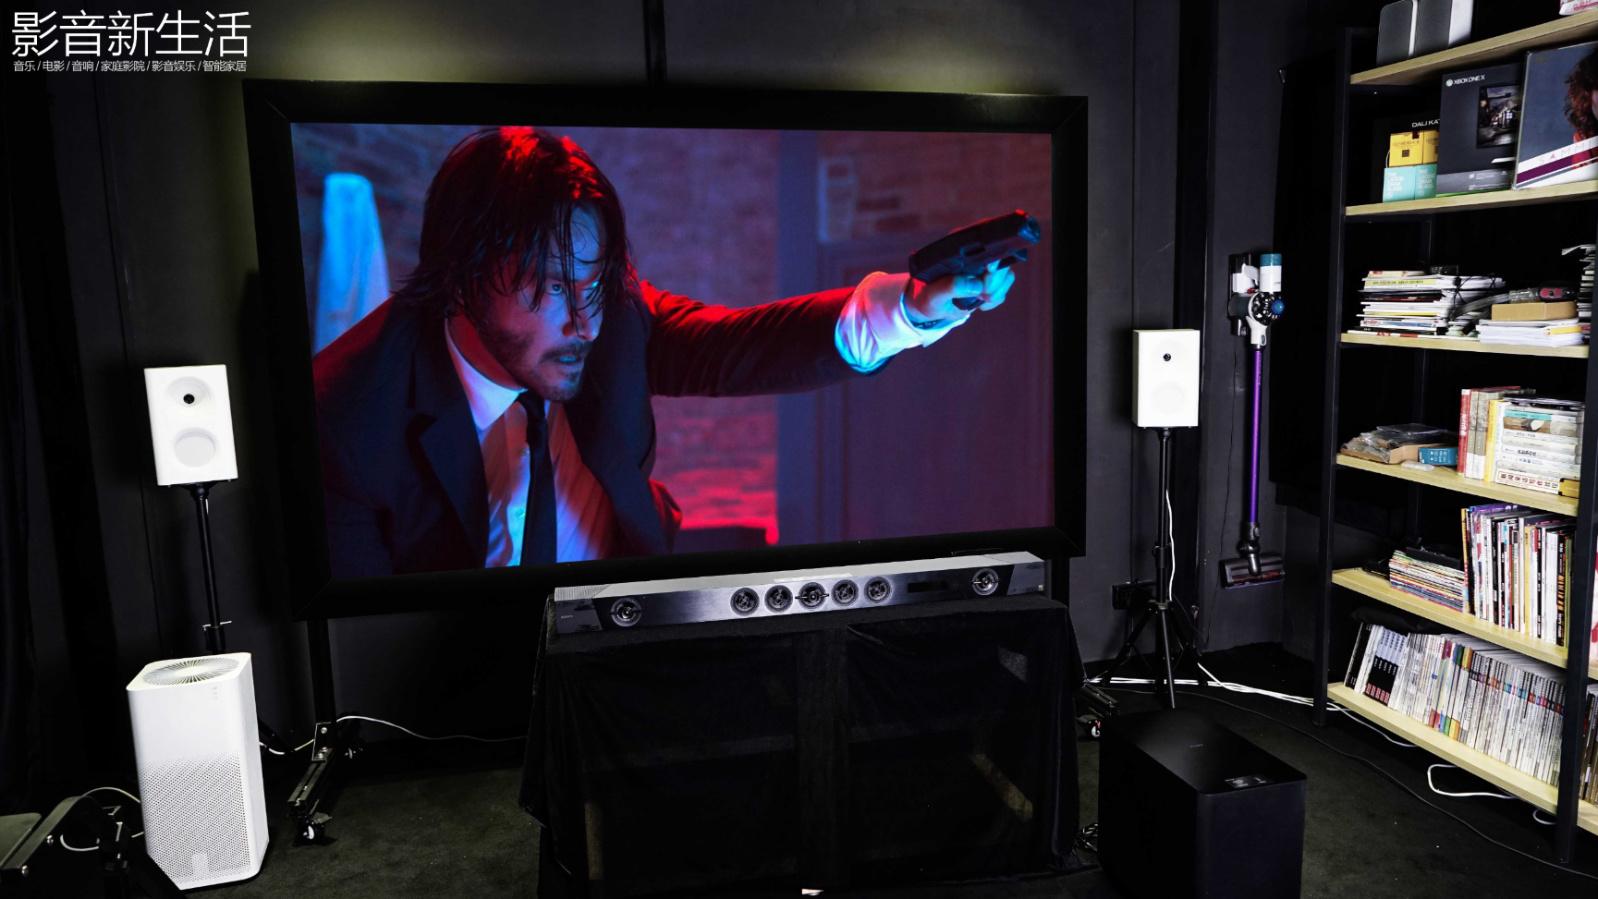 推荐 | 客厅也能玩全景声影院?两款人气顶级SoundBar回音壁横评